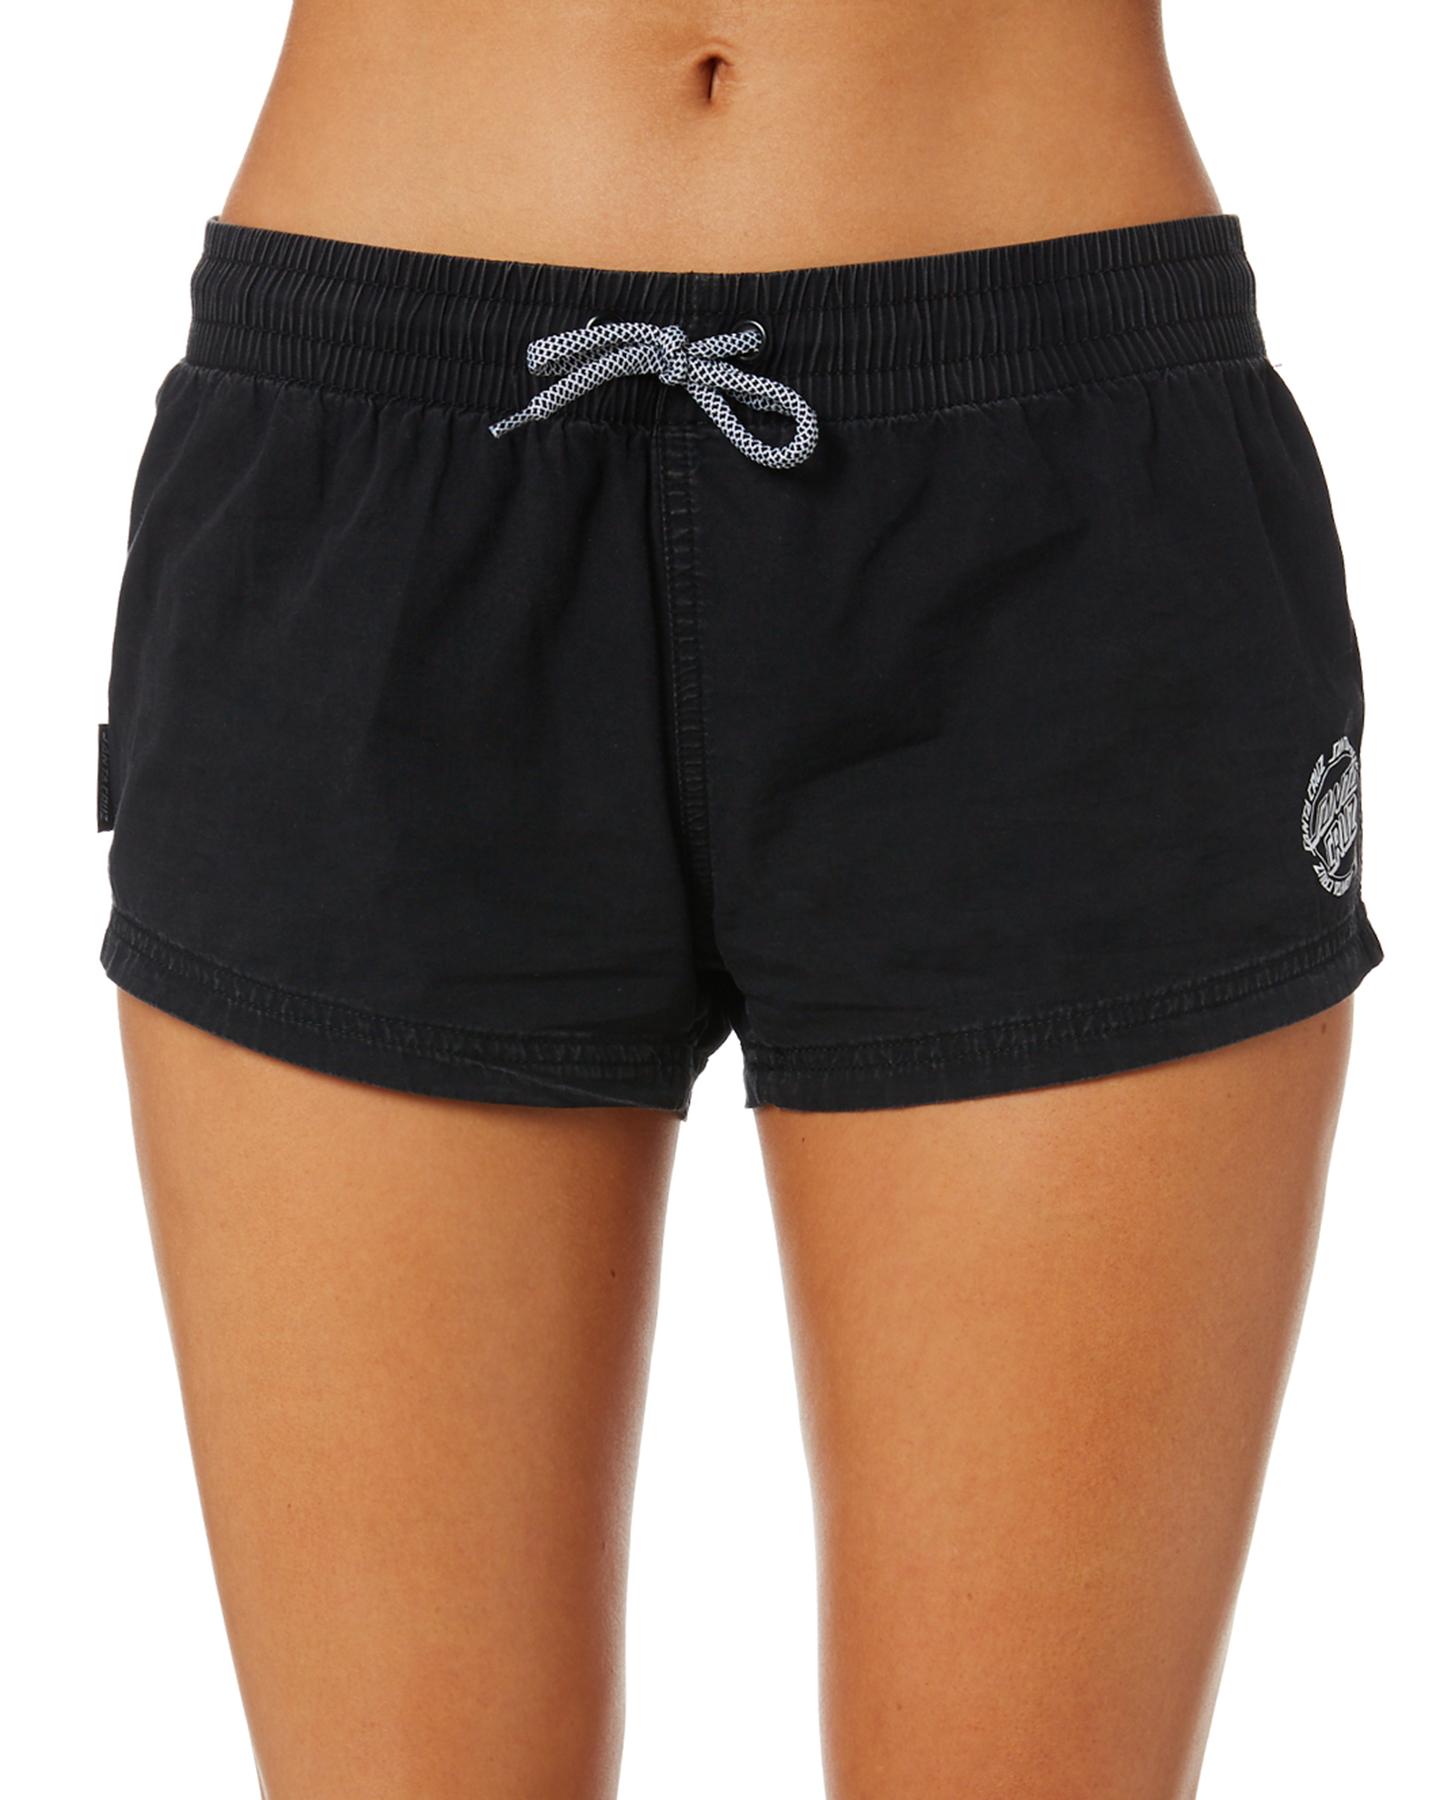 Santa Cruz Seabright Shorts Acid Black